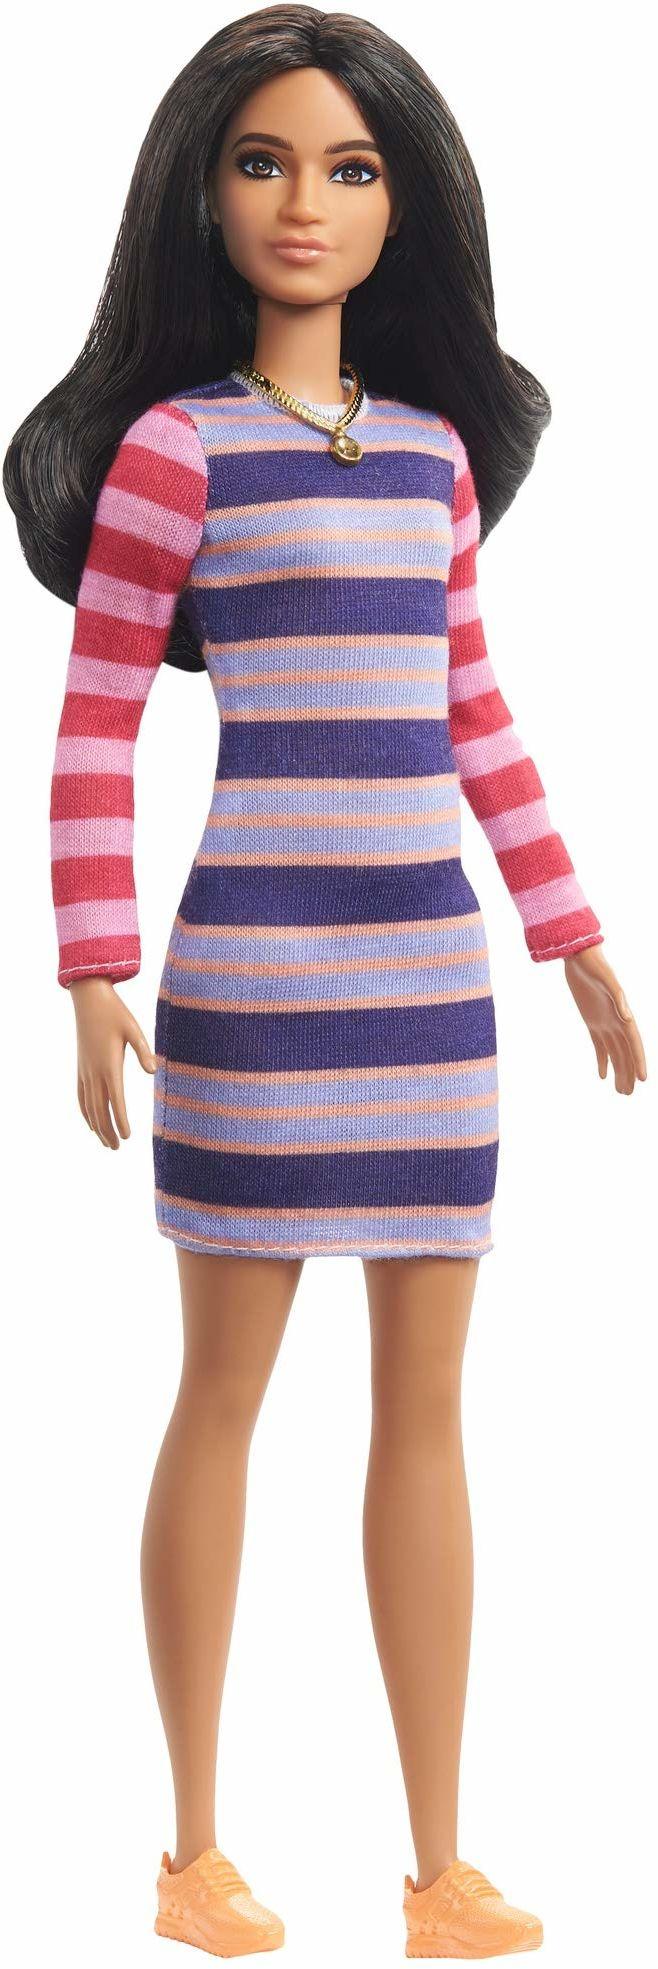 Barbie GHW61 - Barbie Fashionistas lalka 147 (brązowa) z sukienką w paski